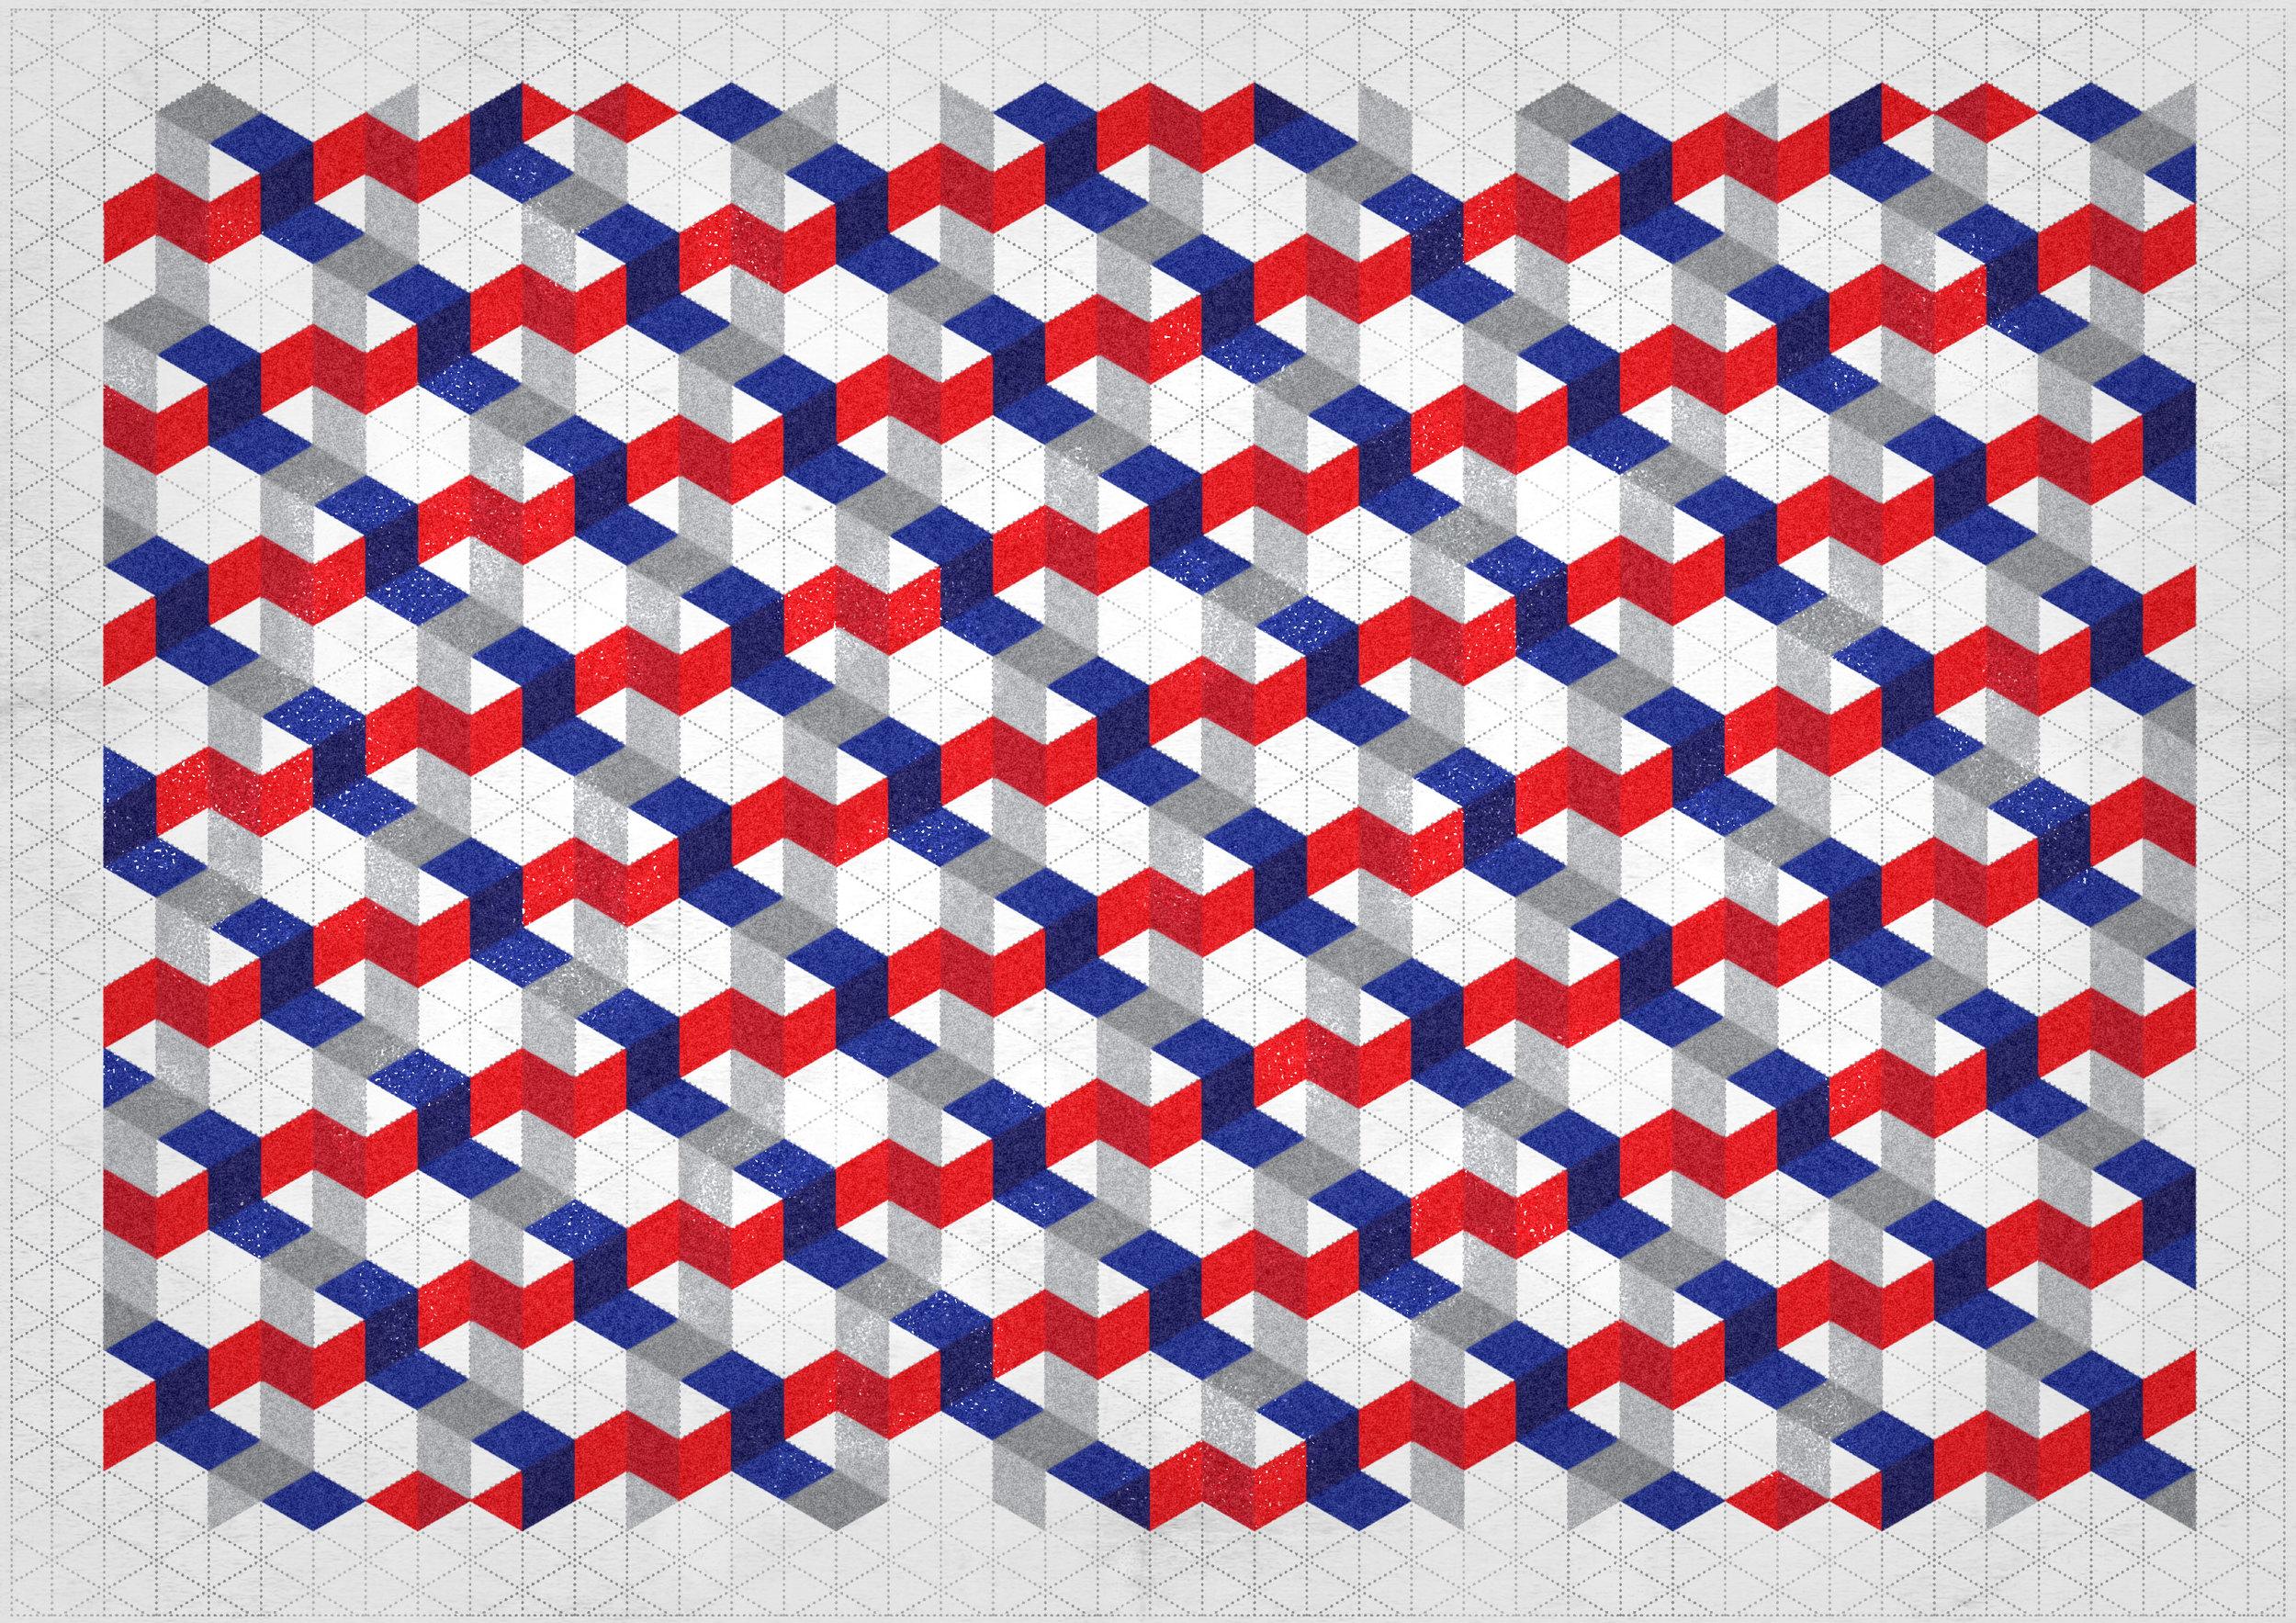 130525_Isometric-Folds-Render_Full.jpg